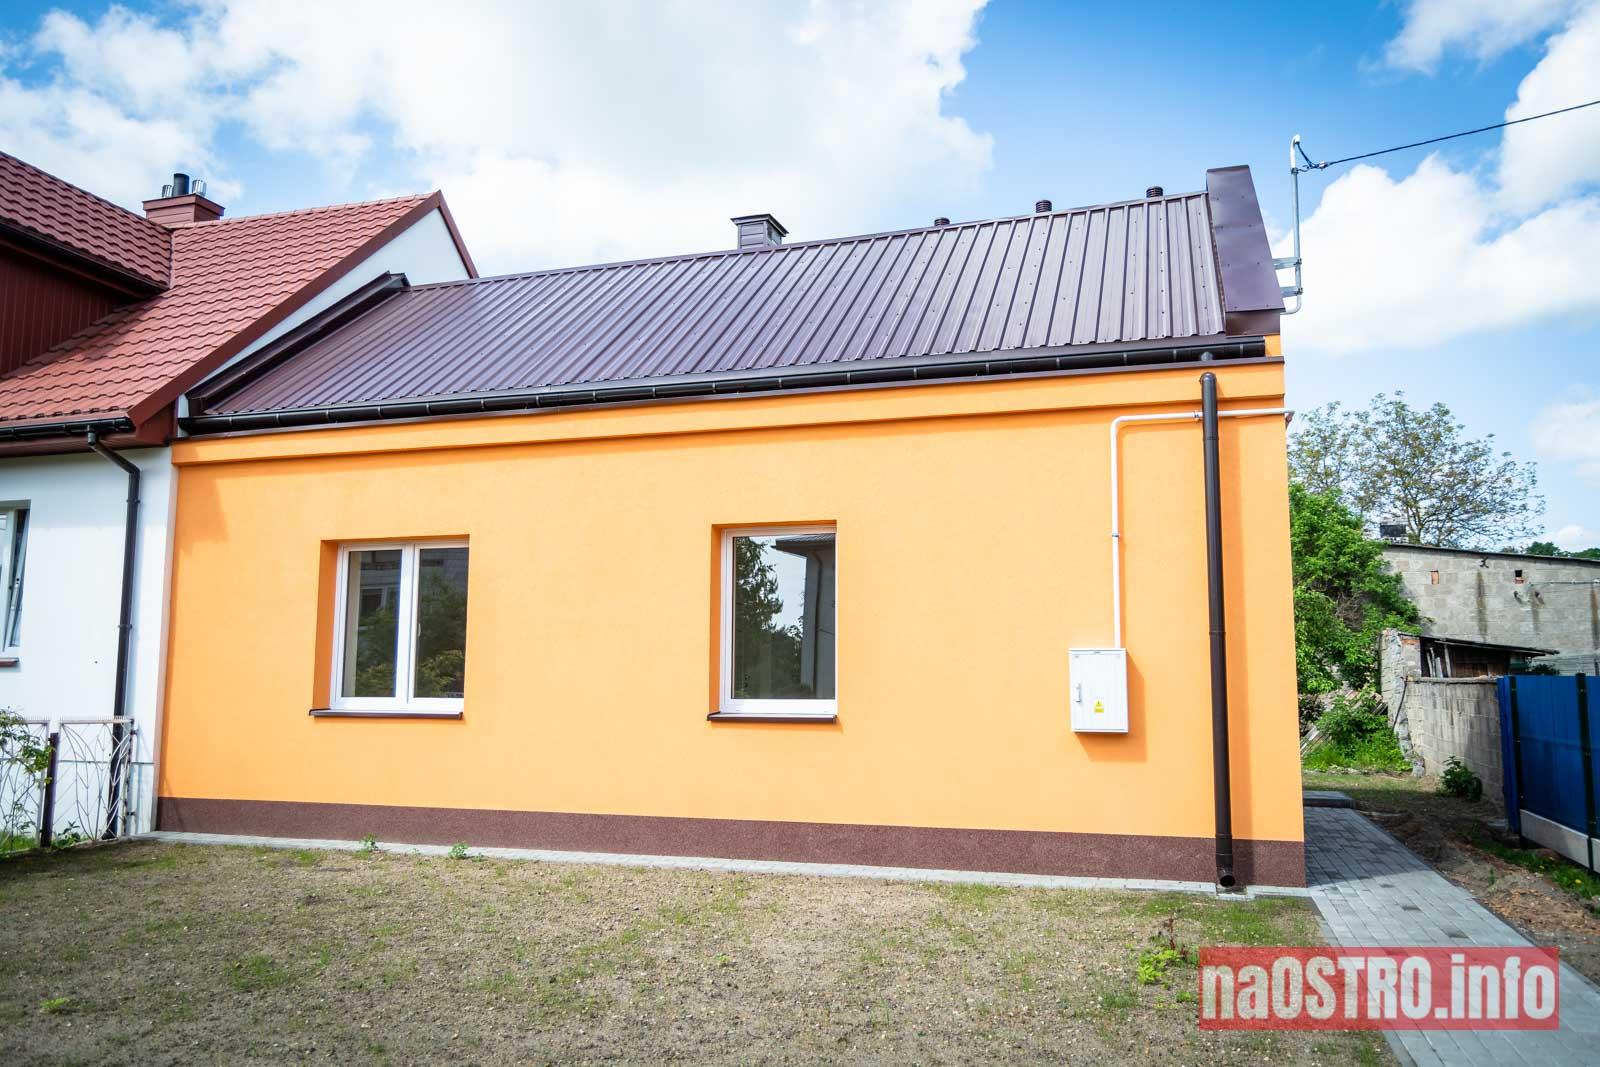 NaOSTROinfo Dom Socjalny Kunów-1